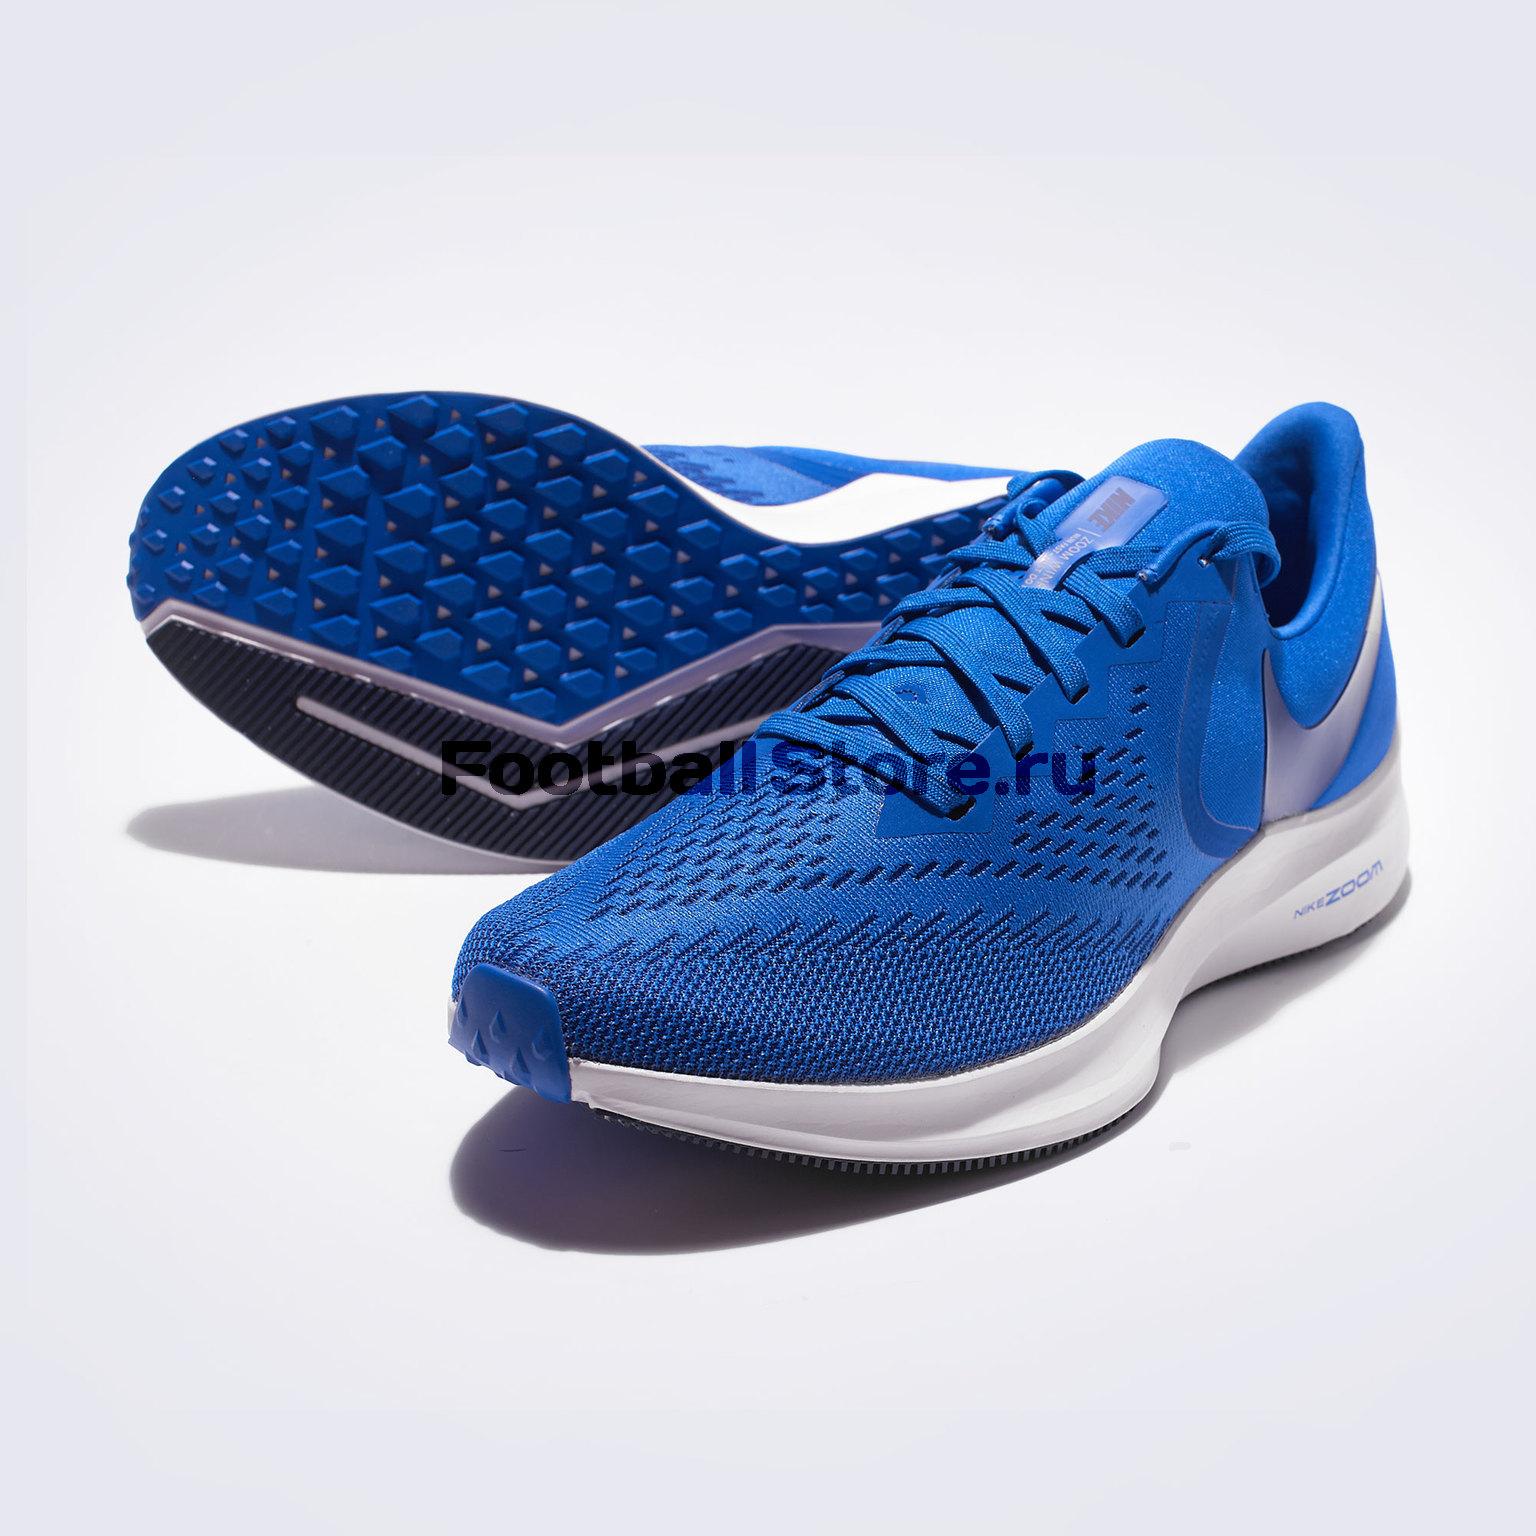 Кроссовки Nike Zoom Winflo 6 AQ7497-402 кроссовки nike free rn psv 833991 402 синий 28 5